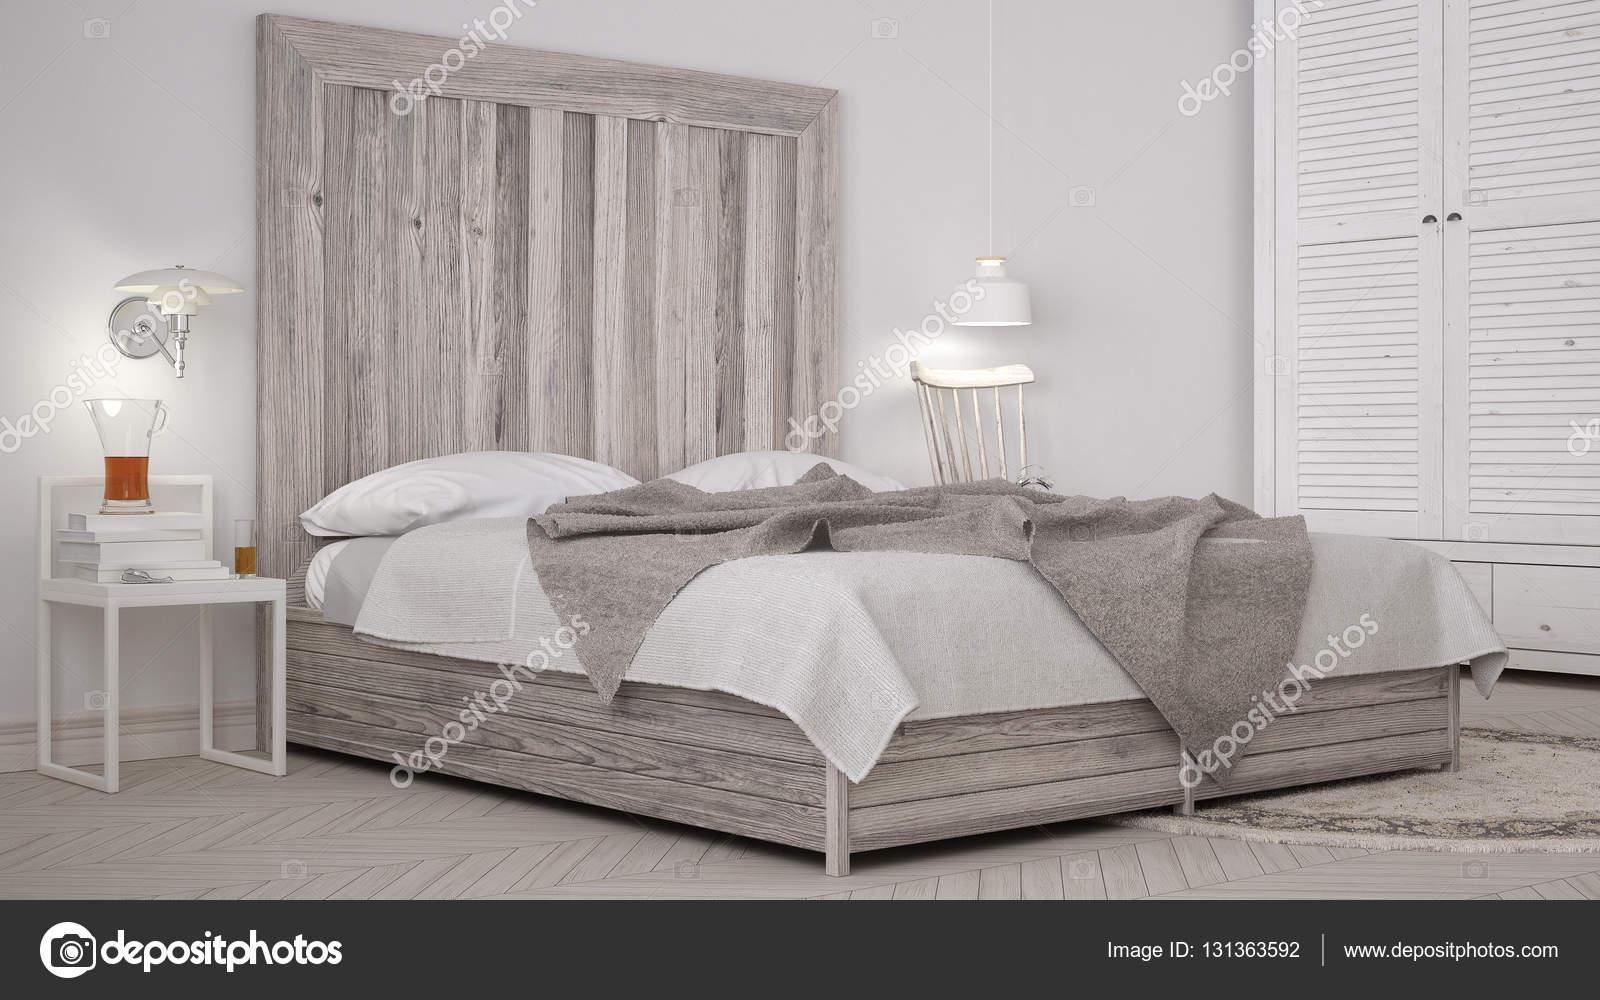 Fai da te camera da letto, letto con testiera in legno, design chic ...